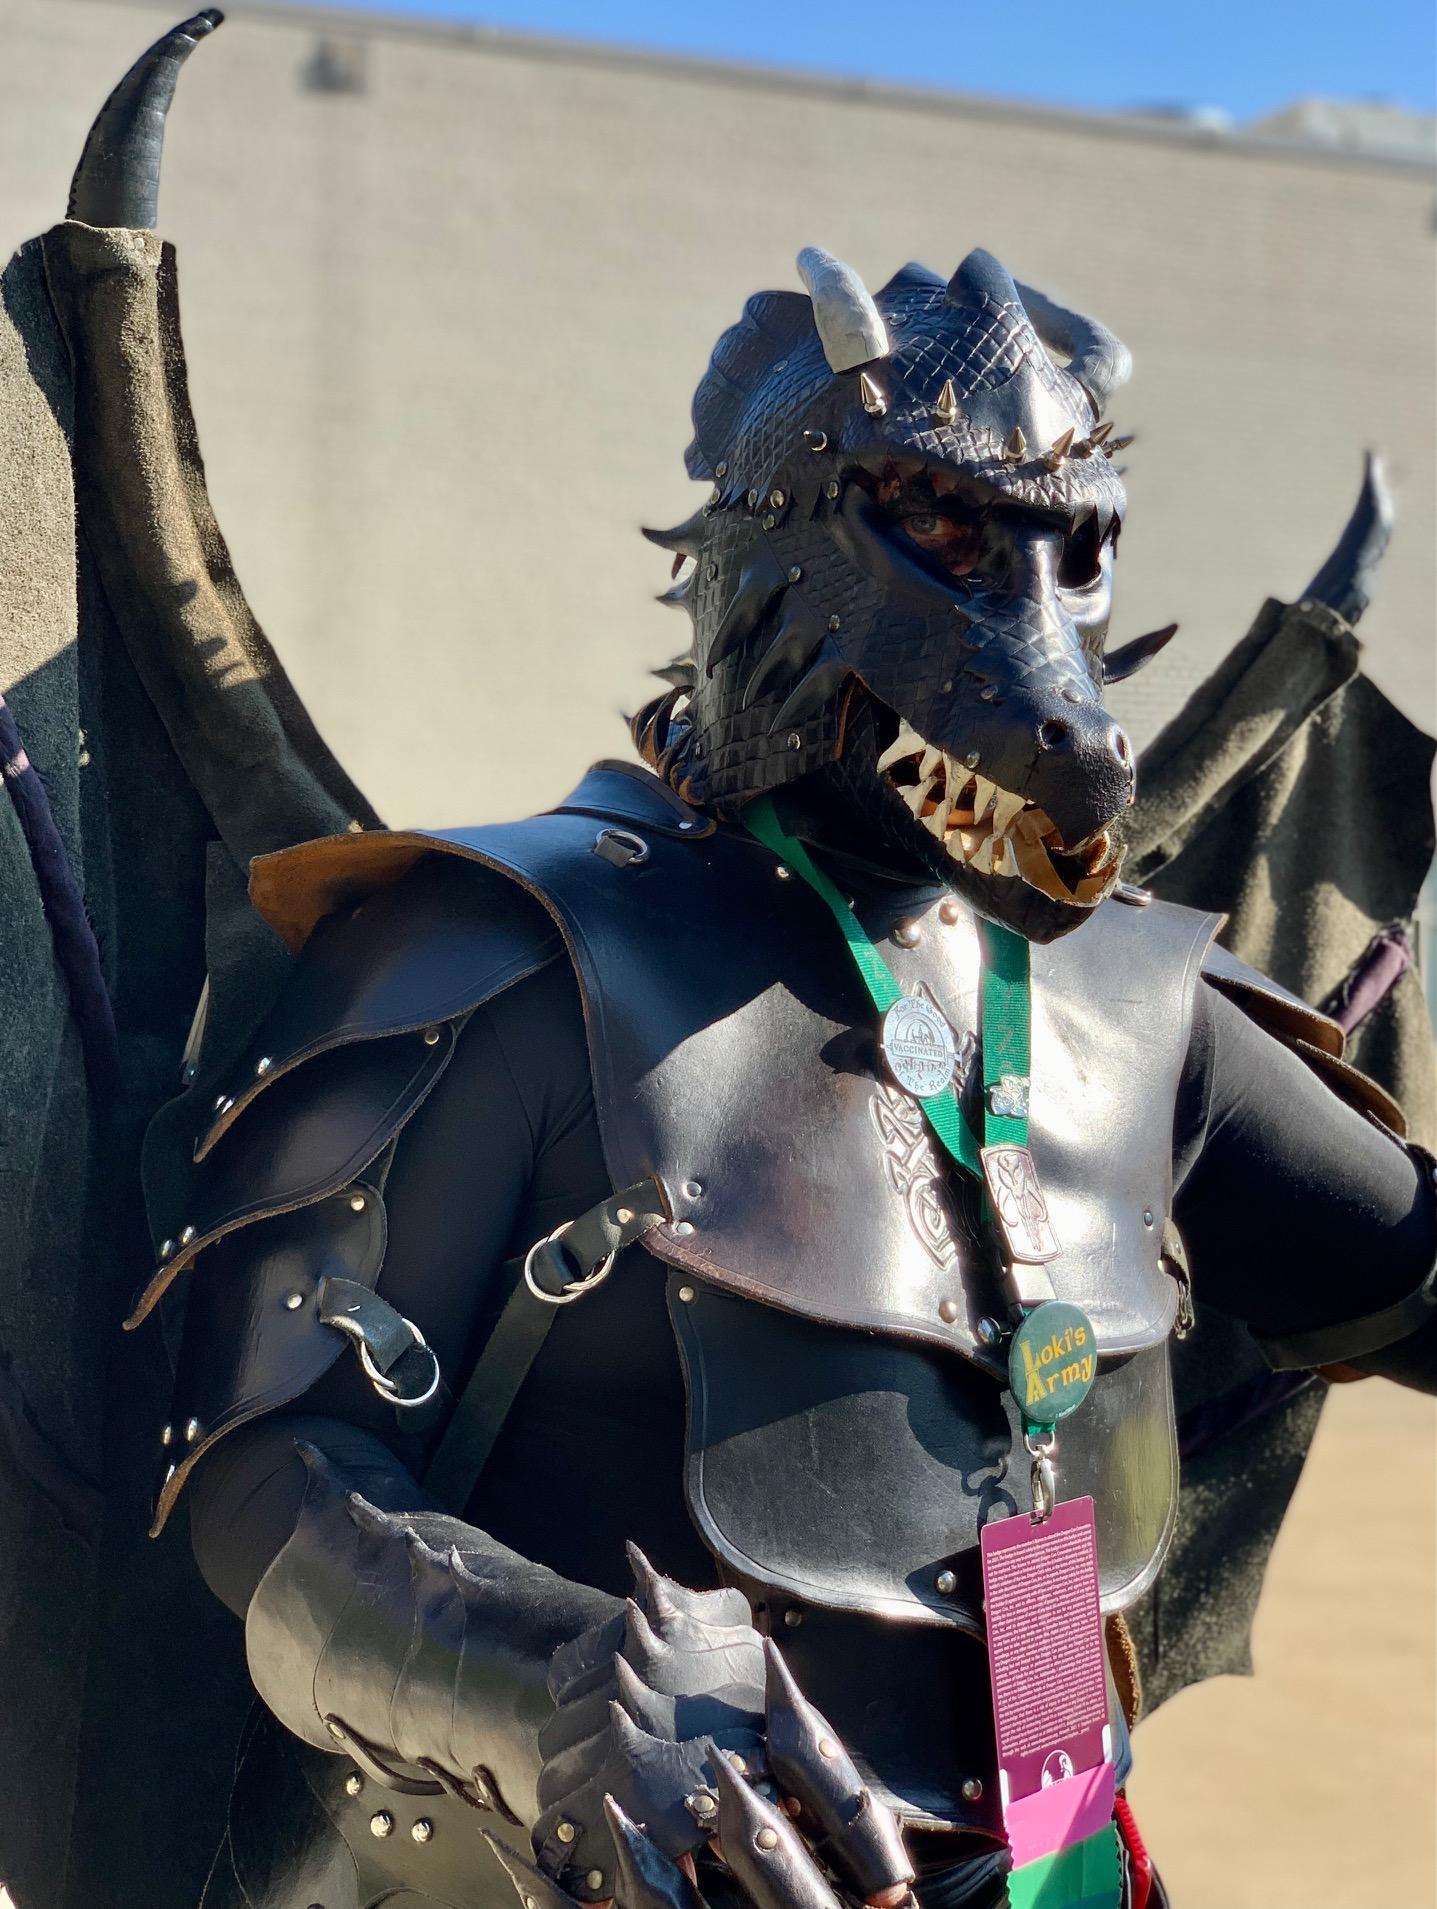 DragonConParade2021_23